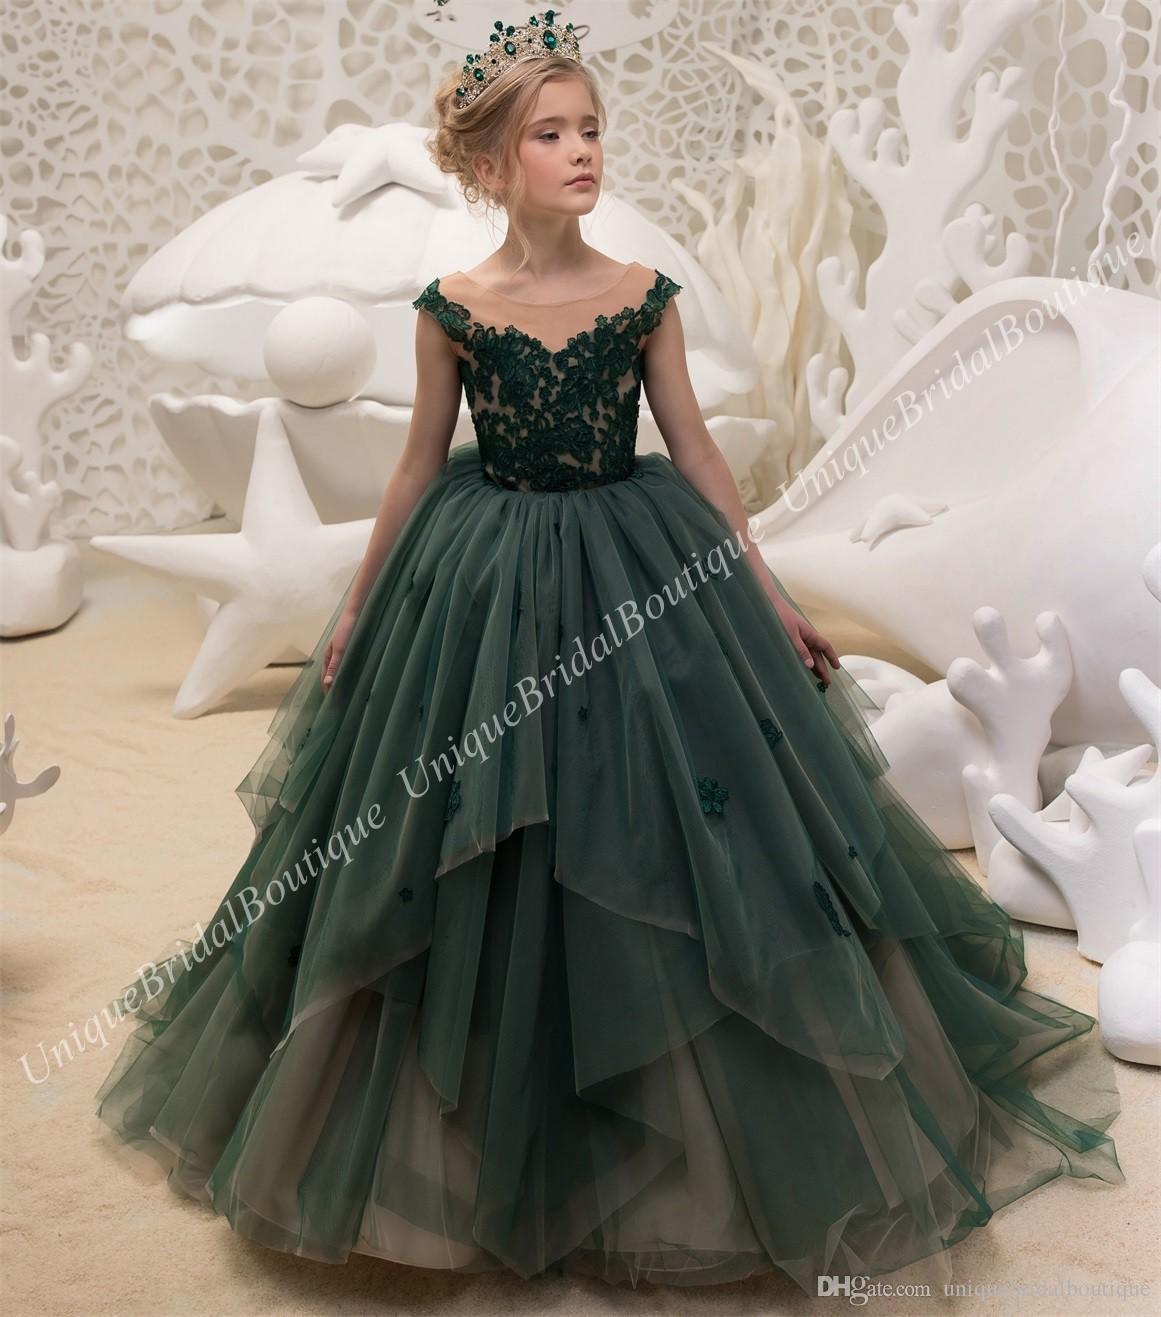 d23005efda Verde esmeralda flor menina vestidos 2018 festa de casamento de aniversário  da dama de honra do feriado do laço meninas desgaste formal dress custom  made